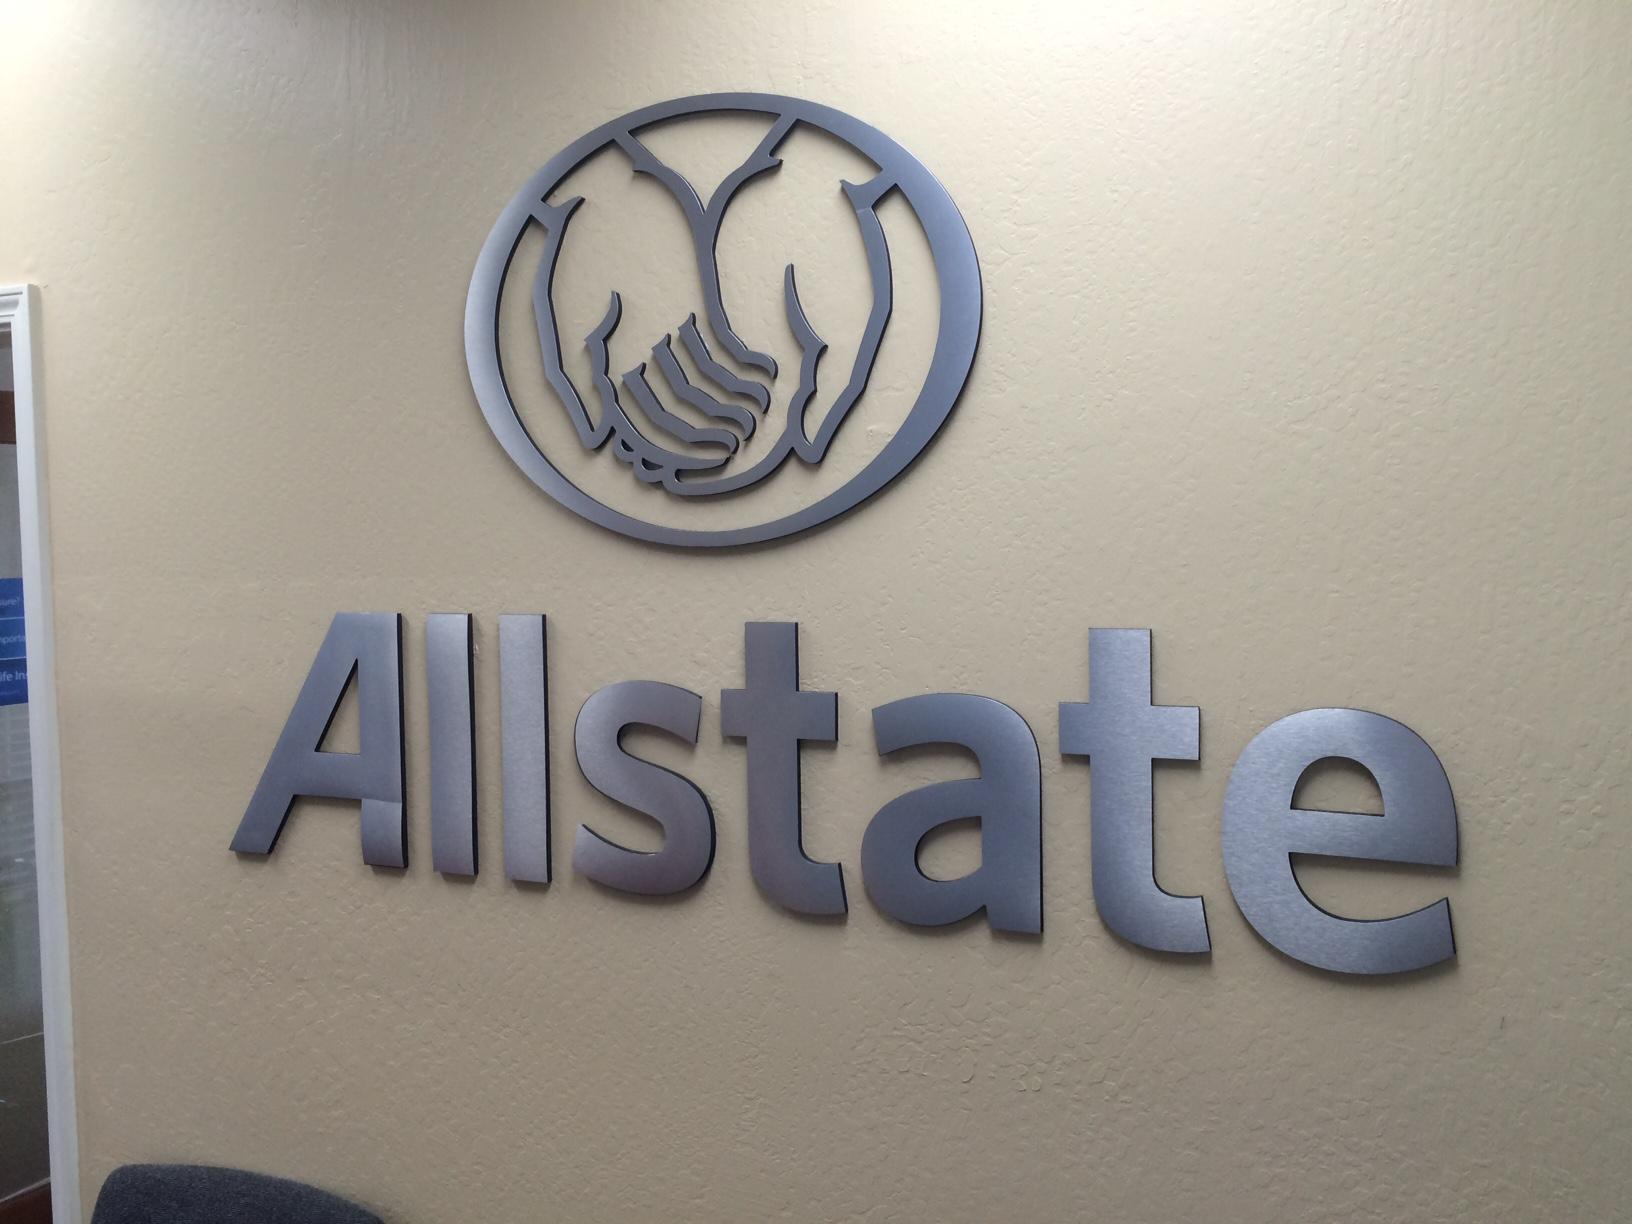 Kevin Baker: Allstate Insurance image 1